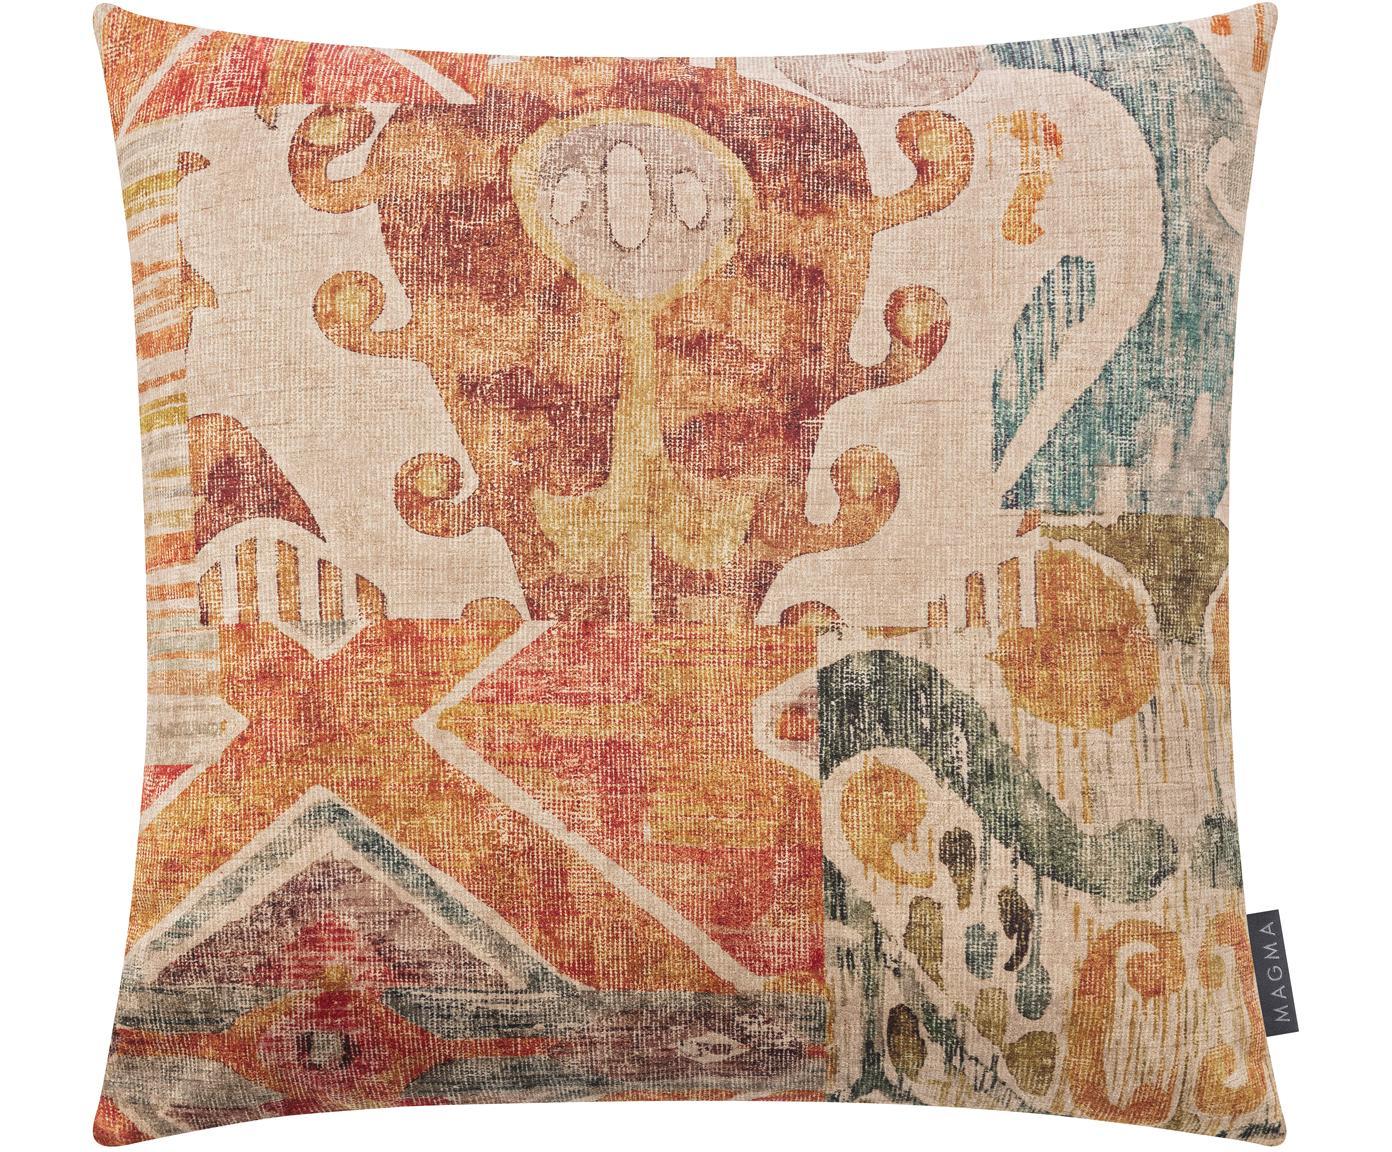 Federa arredo  in velluto Cosima, Velluto di poliestere, Arancio, multicolore, Larg. 40 x Lung. 40 cm